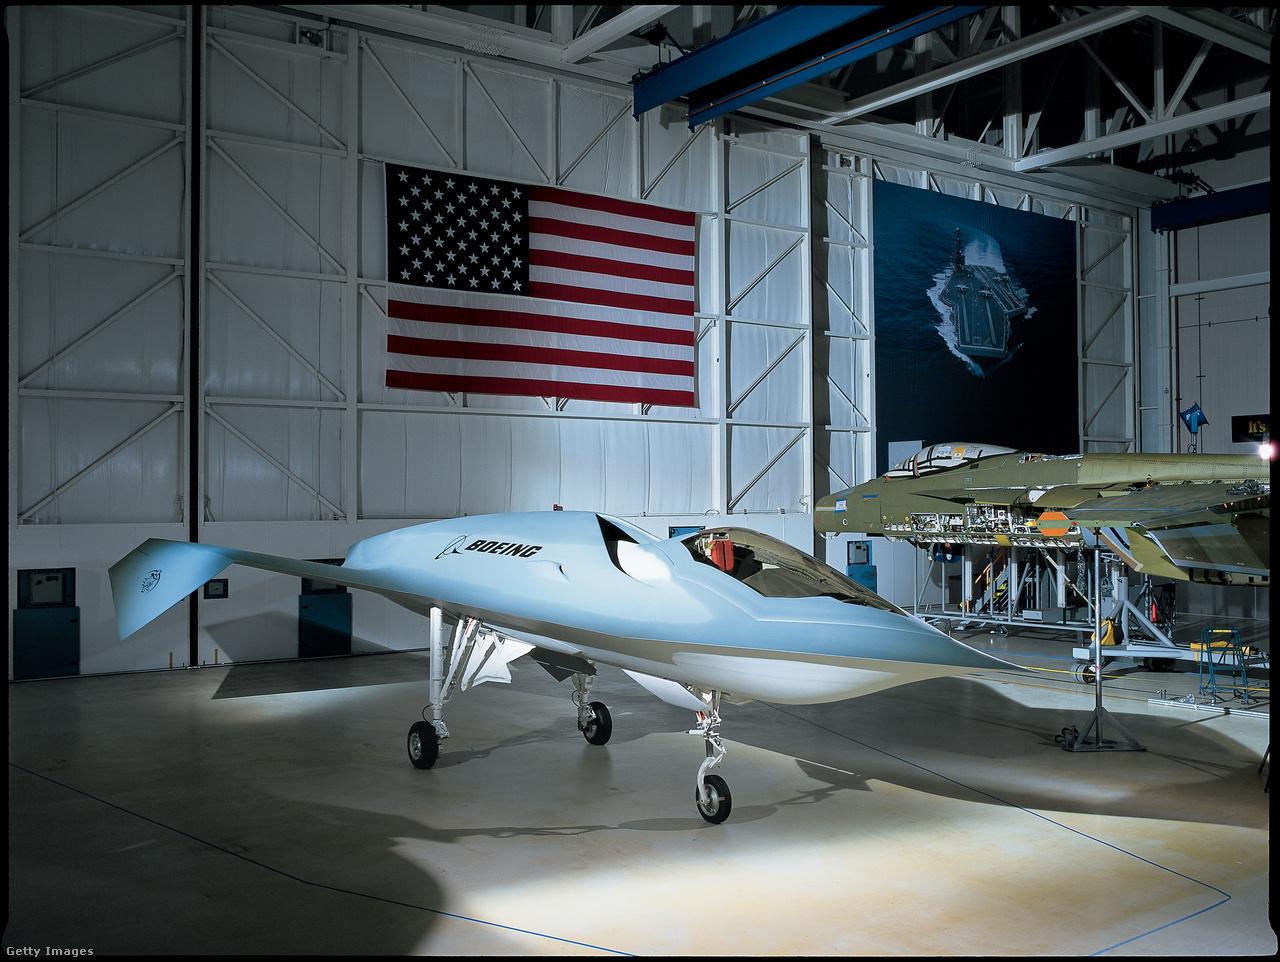 """A Boeing """"Bird of Prey"""" szupertitkos technológia demonstrátora 1996-ban repült először, és 1999-ig teszteltek vele egy sor műszaki megoldást, amiket később a Boeing X-45, immár pilóta nélküli lopakodó kísérleti gép tervezésekor használtak fel."""